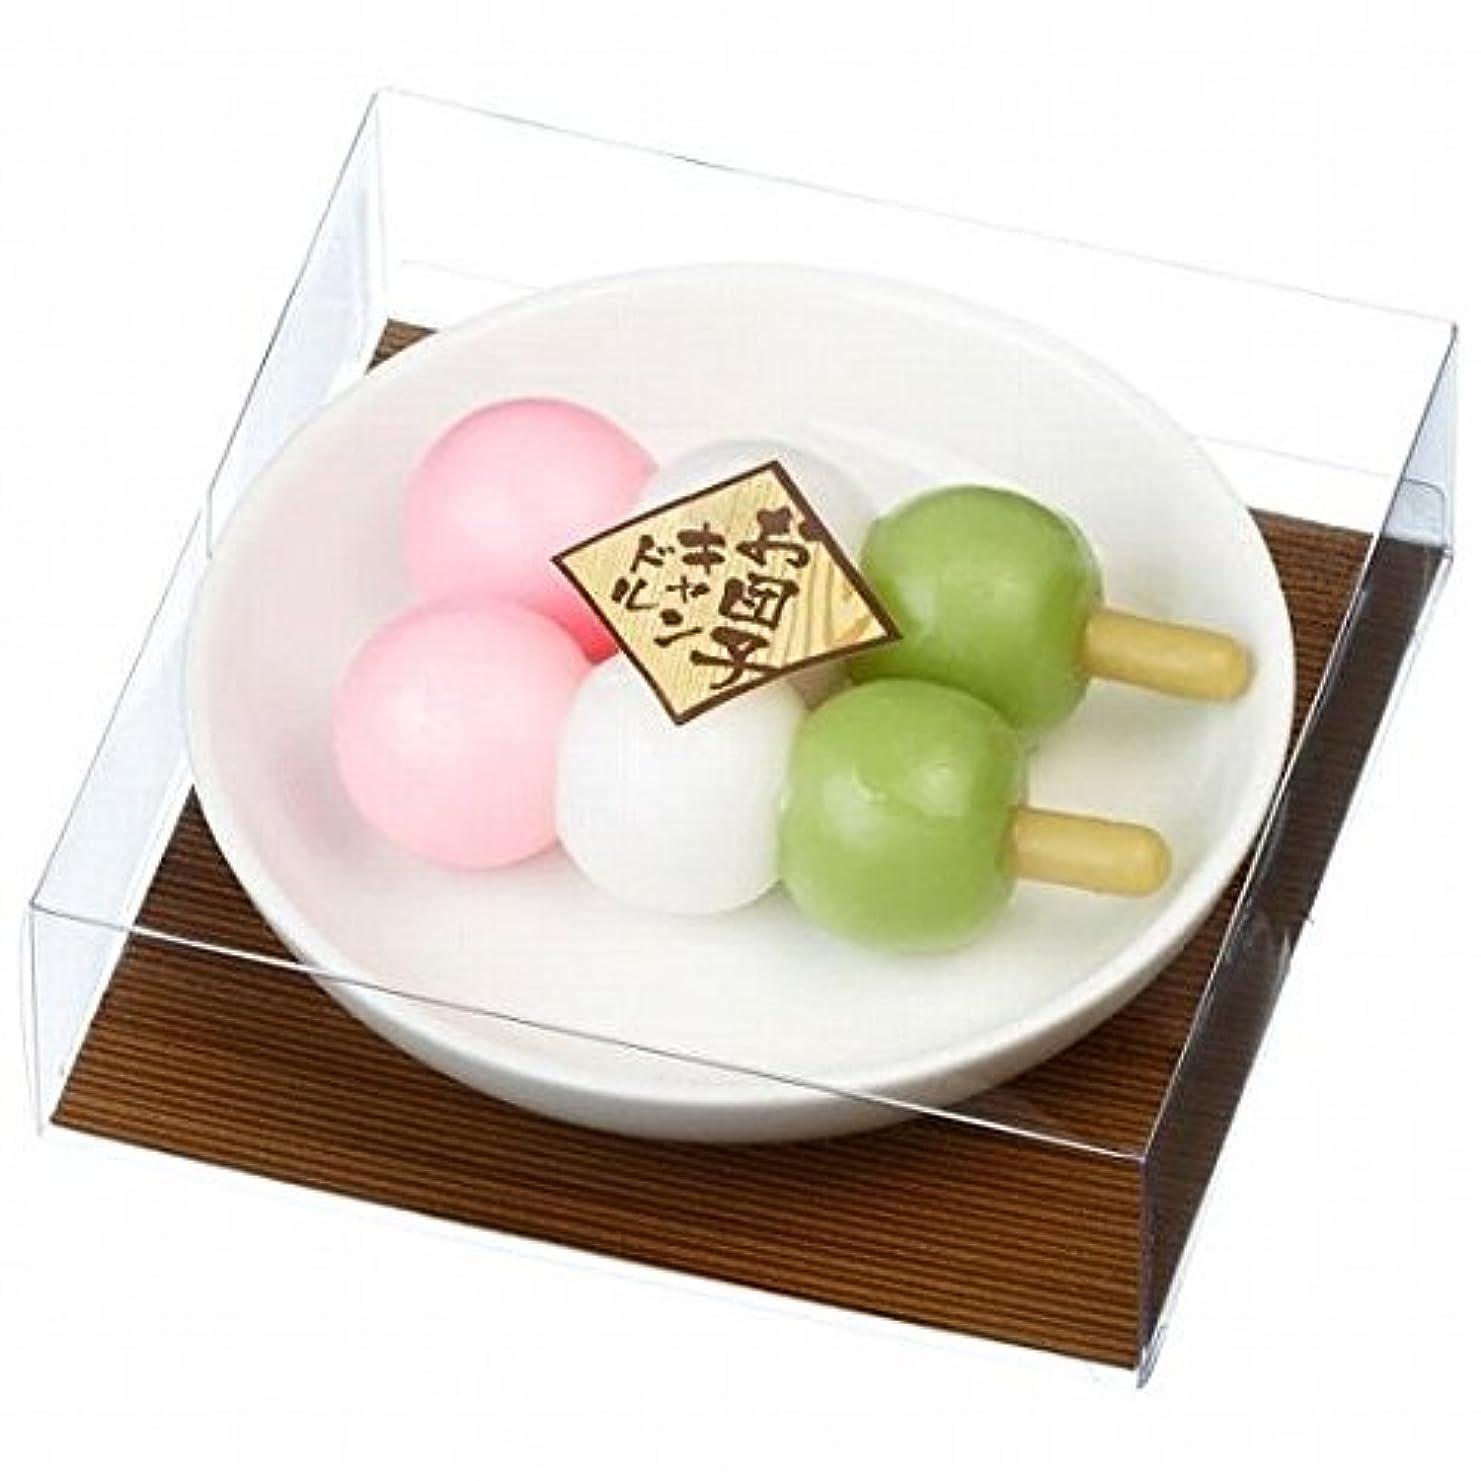 不正ペチコート活力kameyama candle(カメヤマキャンドル) お団子キャンドル(86020000)